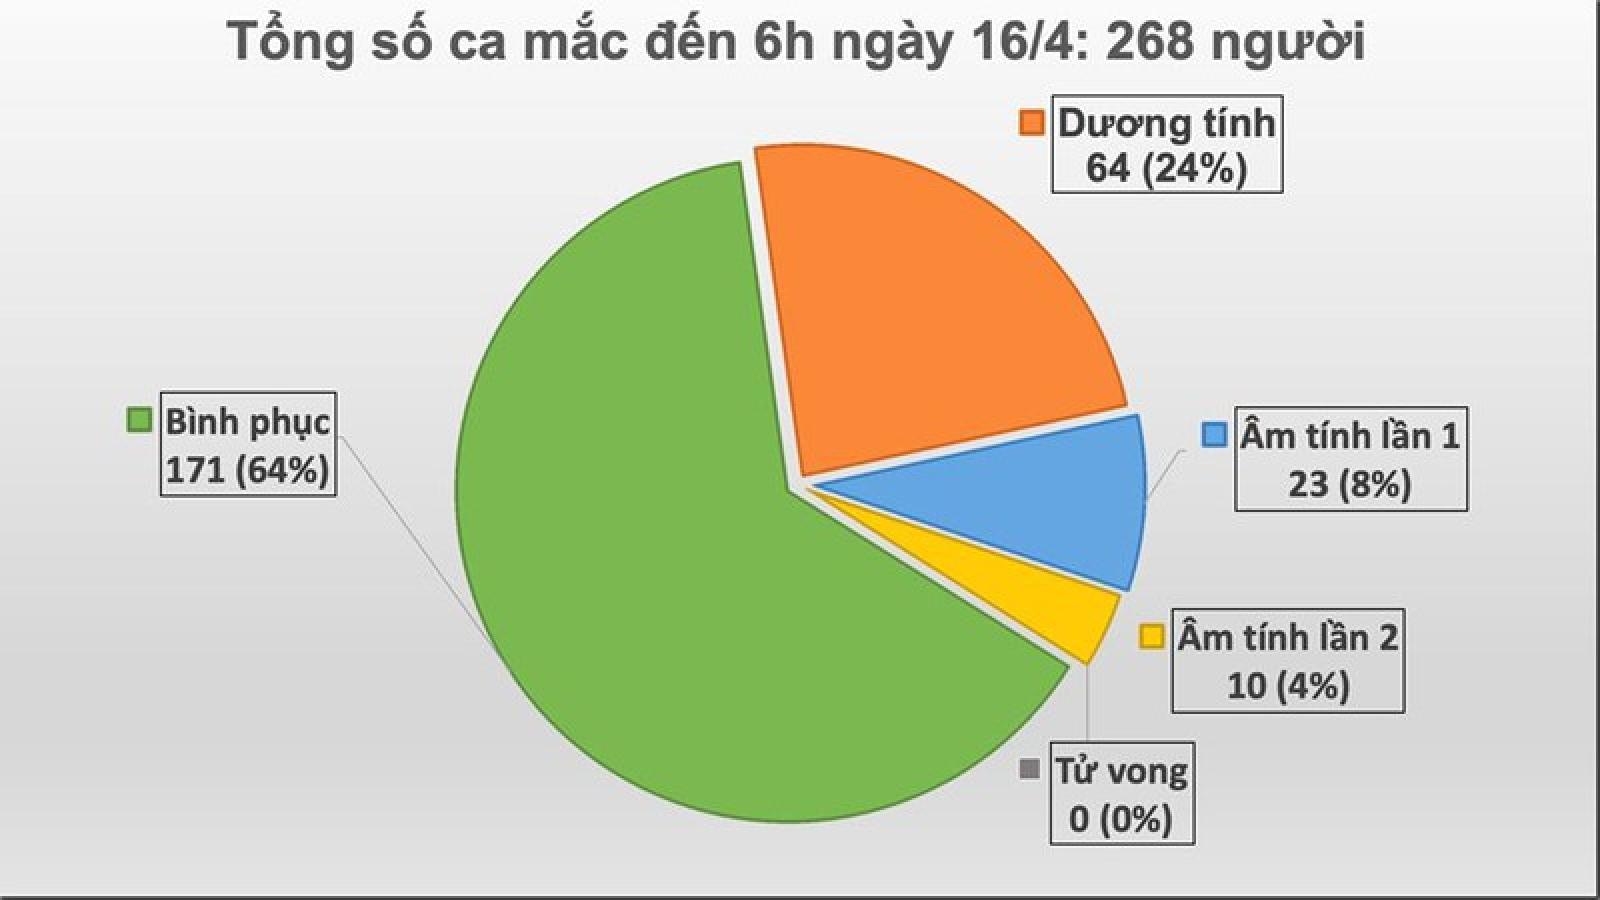 Thêm 1 trường hợp mắc Covid-19 tại Hà Giang, Việt Nam ghi nhận 268 ca